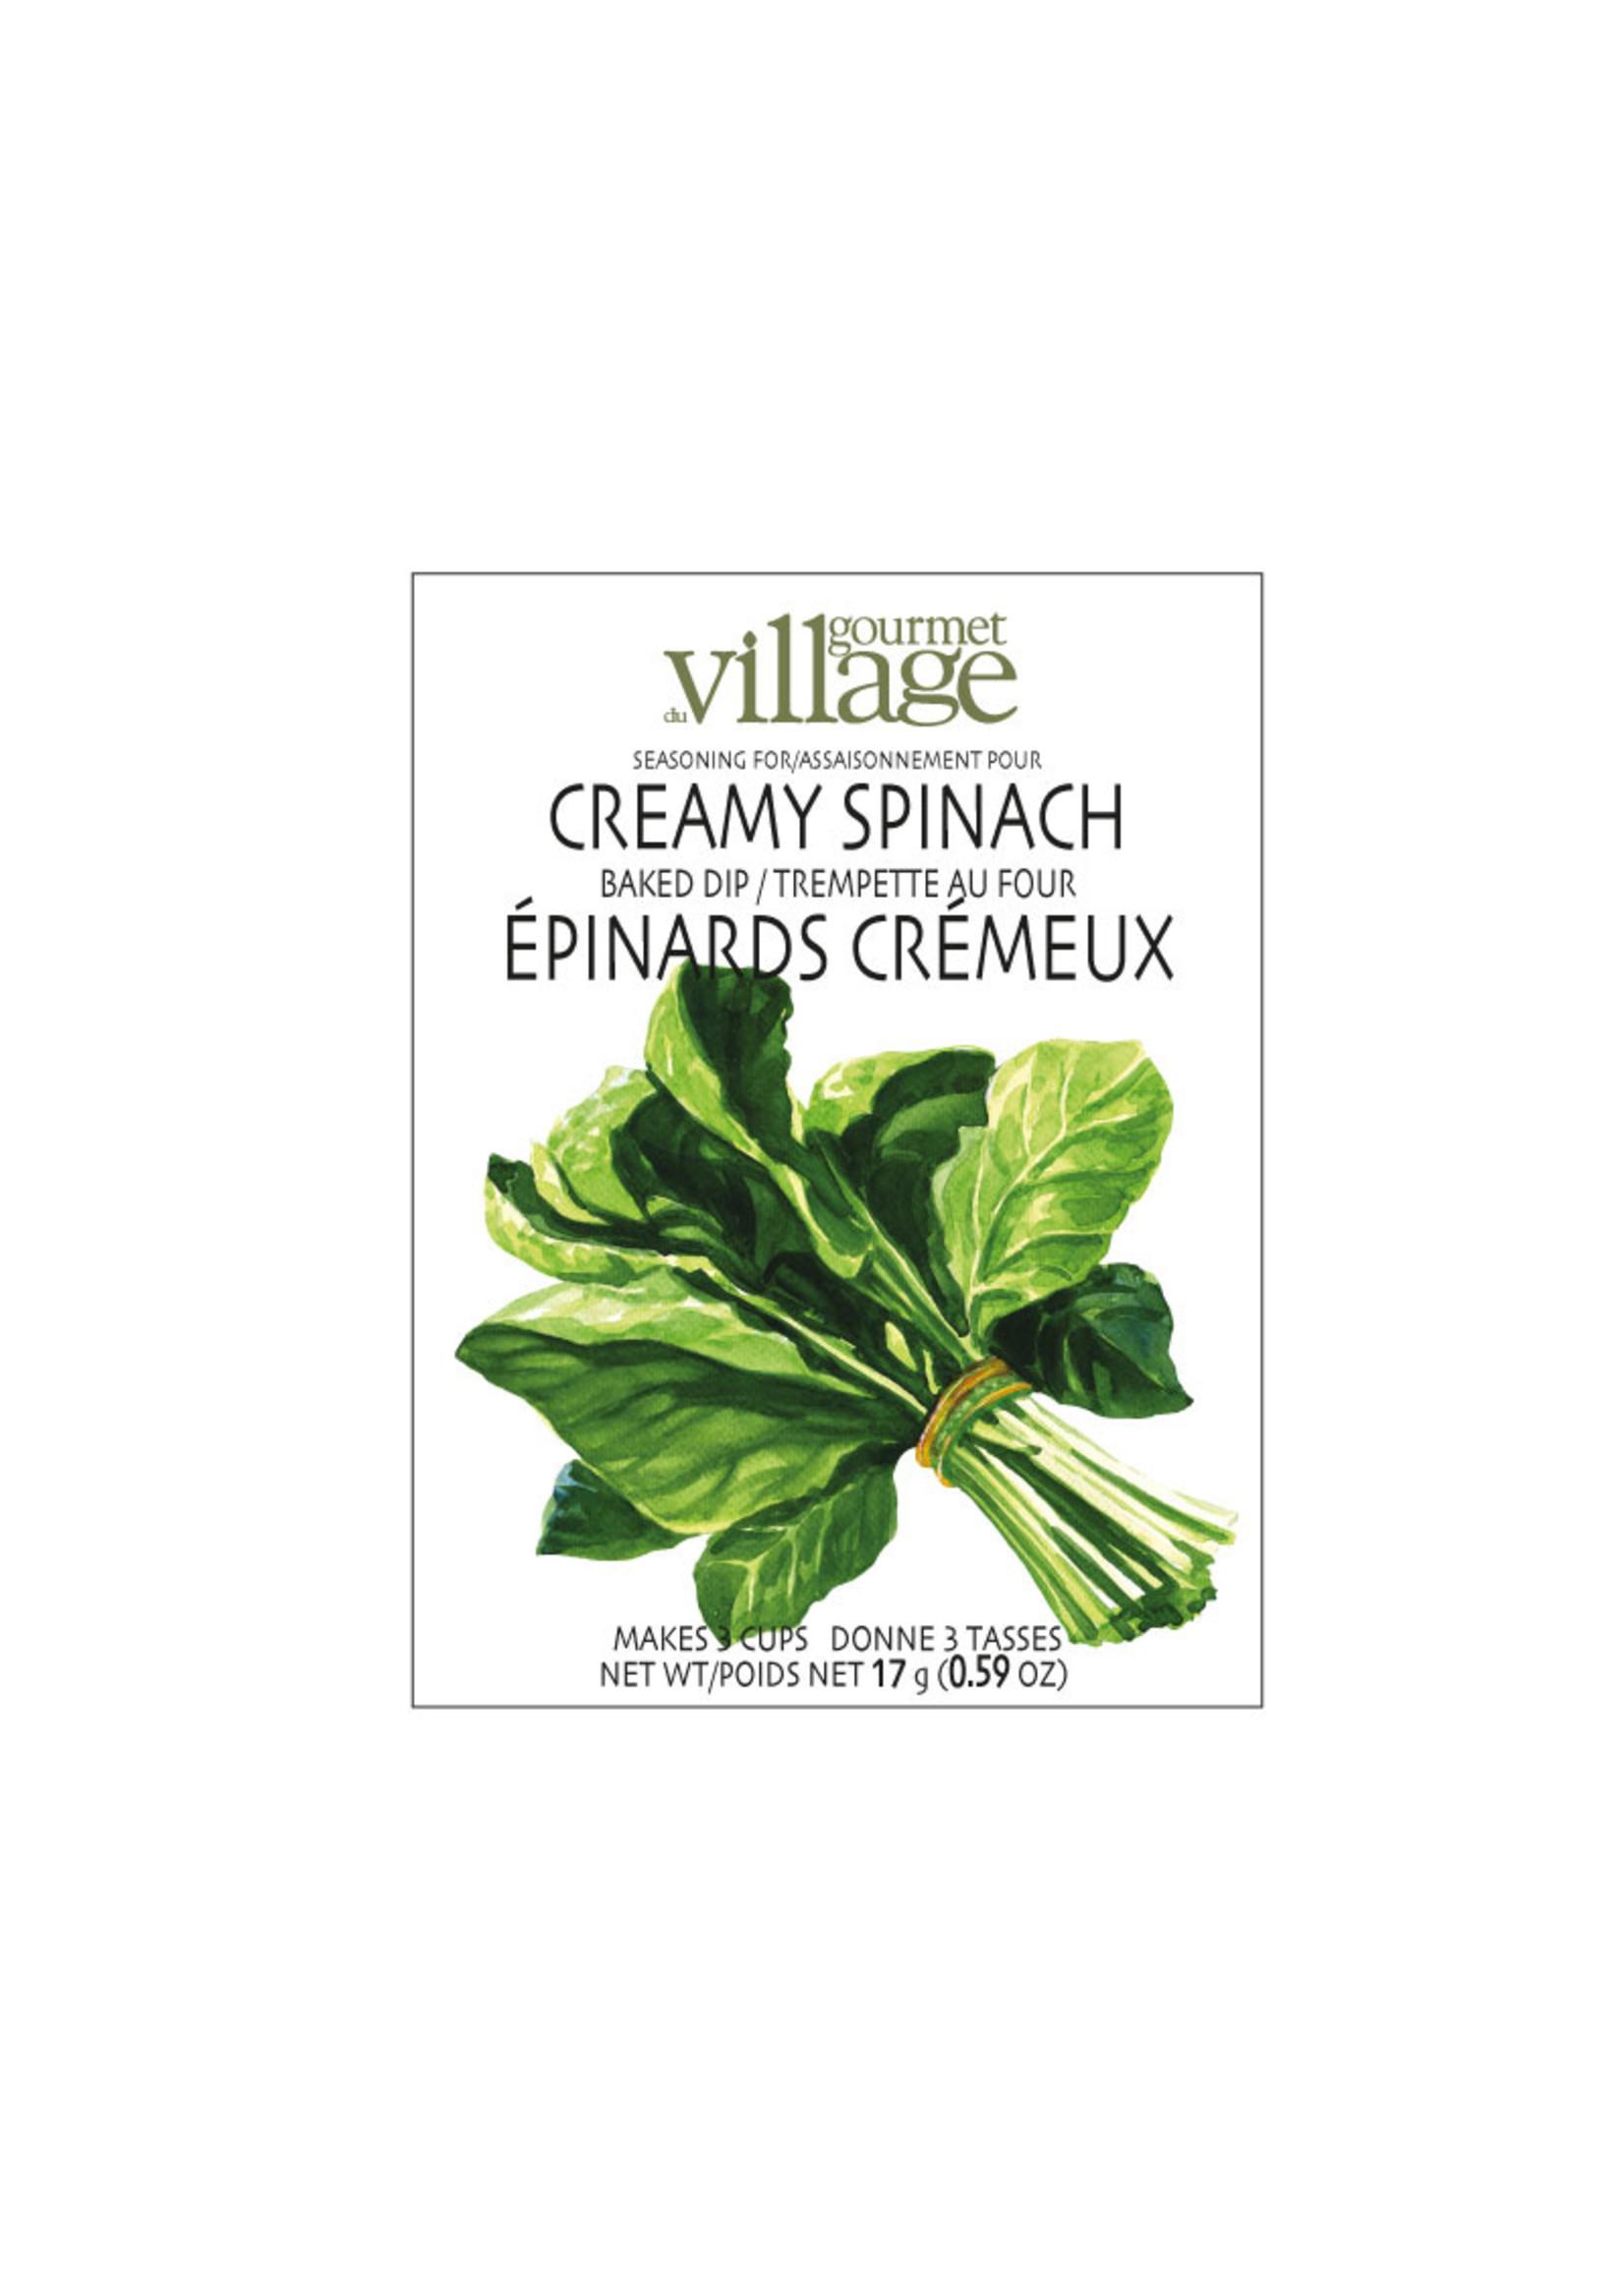 Gourmet Village Creamy Spinach Dip